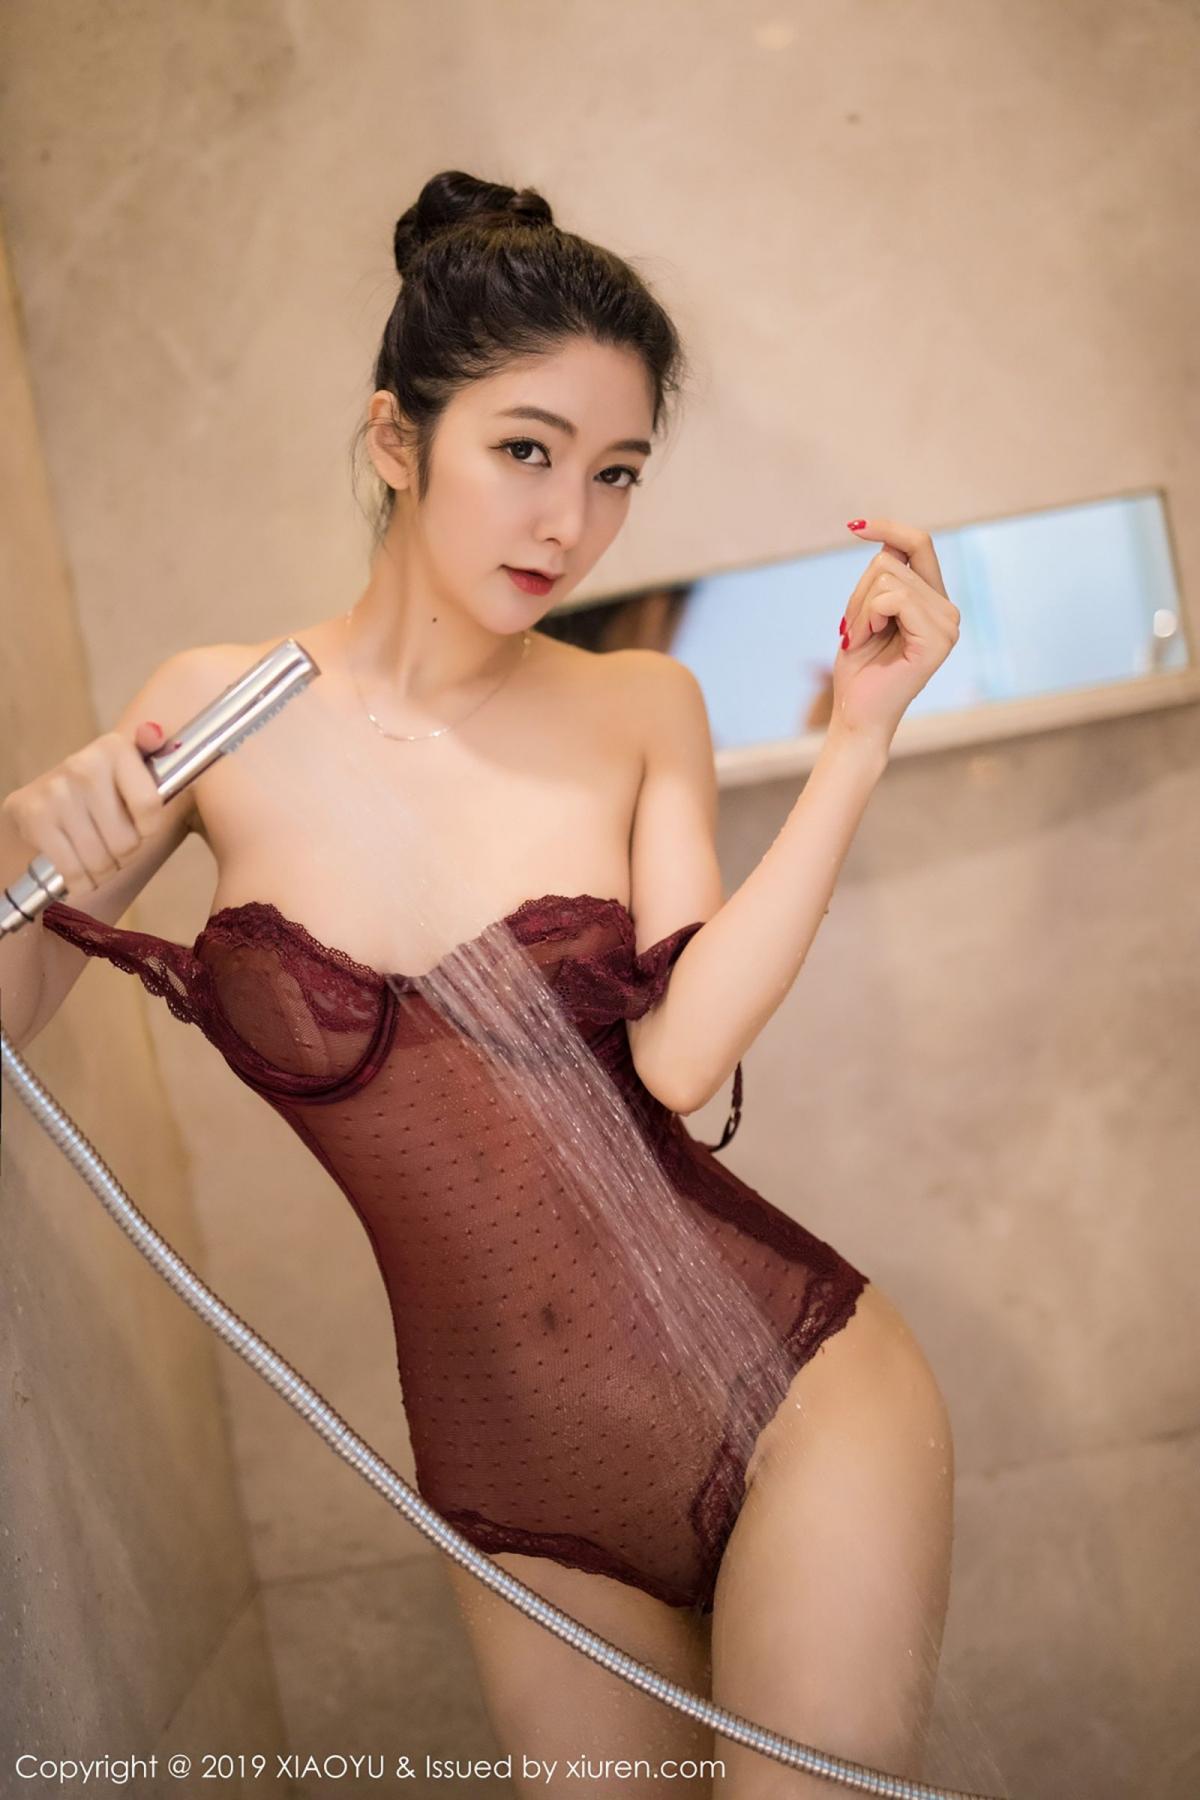 [XiaoYu] Vol.017 Di Yi 65P, Bathroom, Di Yi, Underwear, Wet, XiaoYu